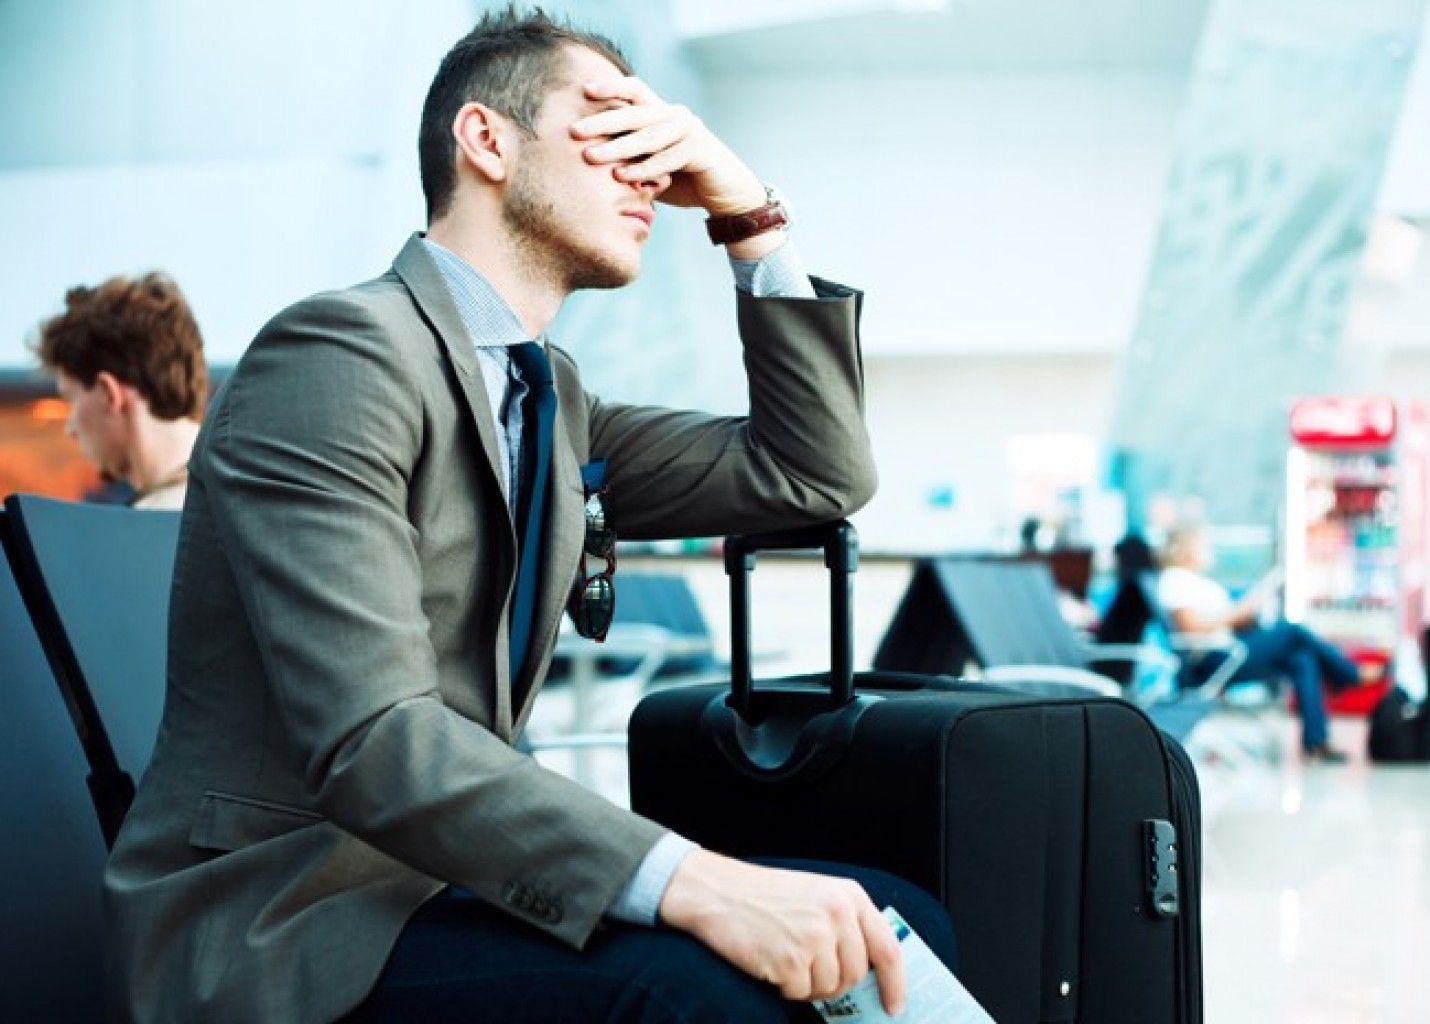 Agências corporativas venderam R$ 5 bilhões a menos no aéreo em 2020